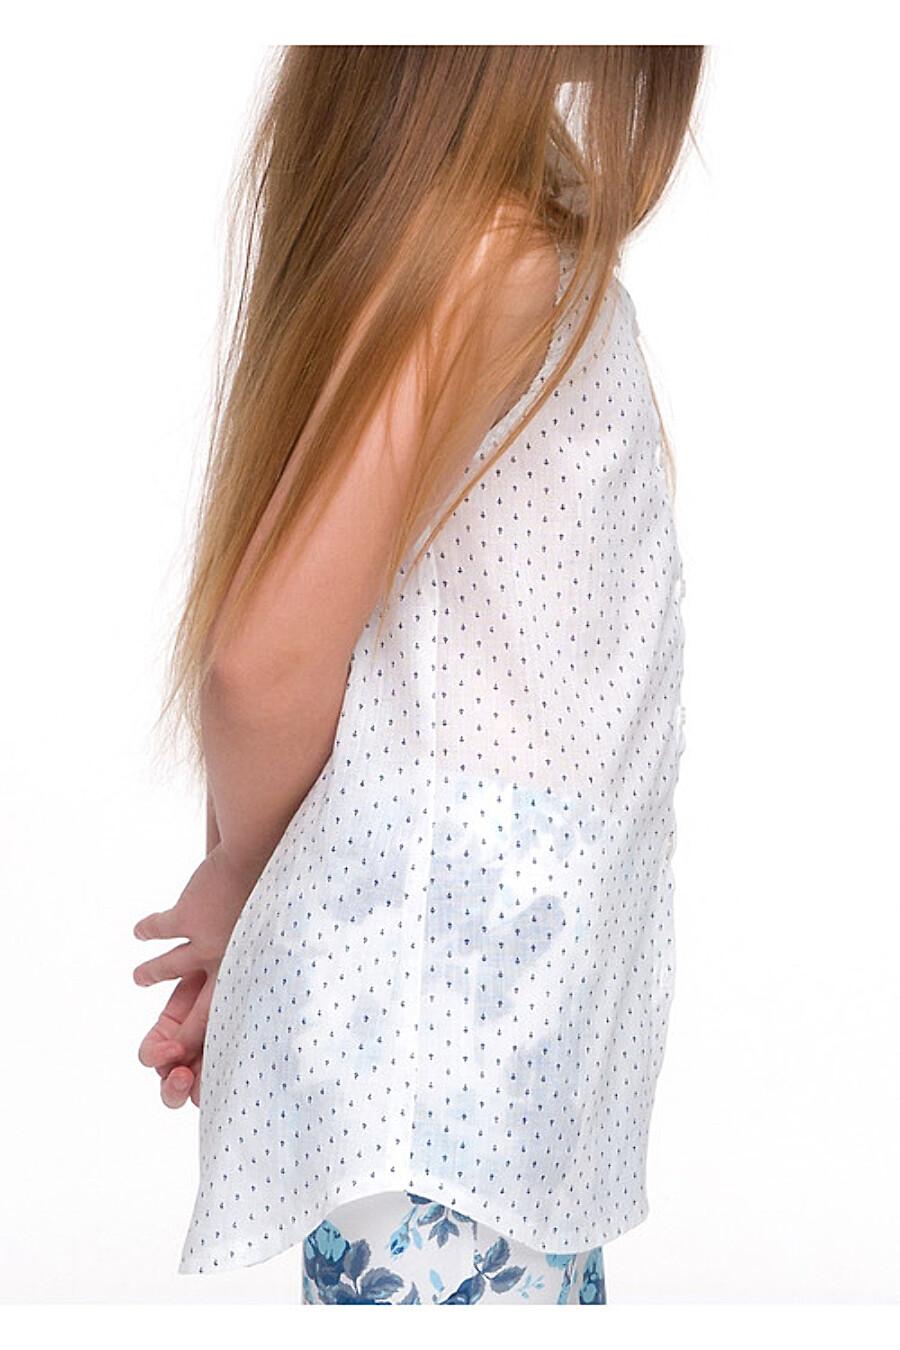 Рубашка для девочек CLEVER 169209 купить оптом от производителя. Совместная покупка детской одежды в OptMoyo